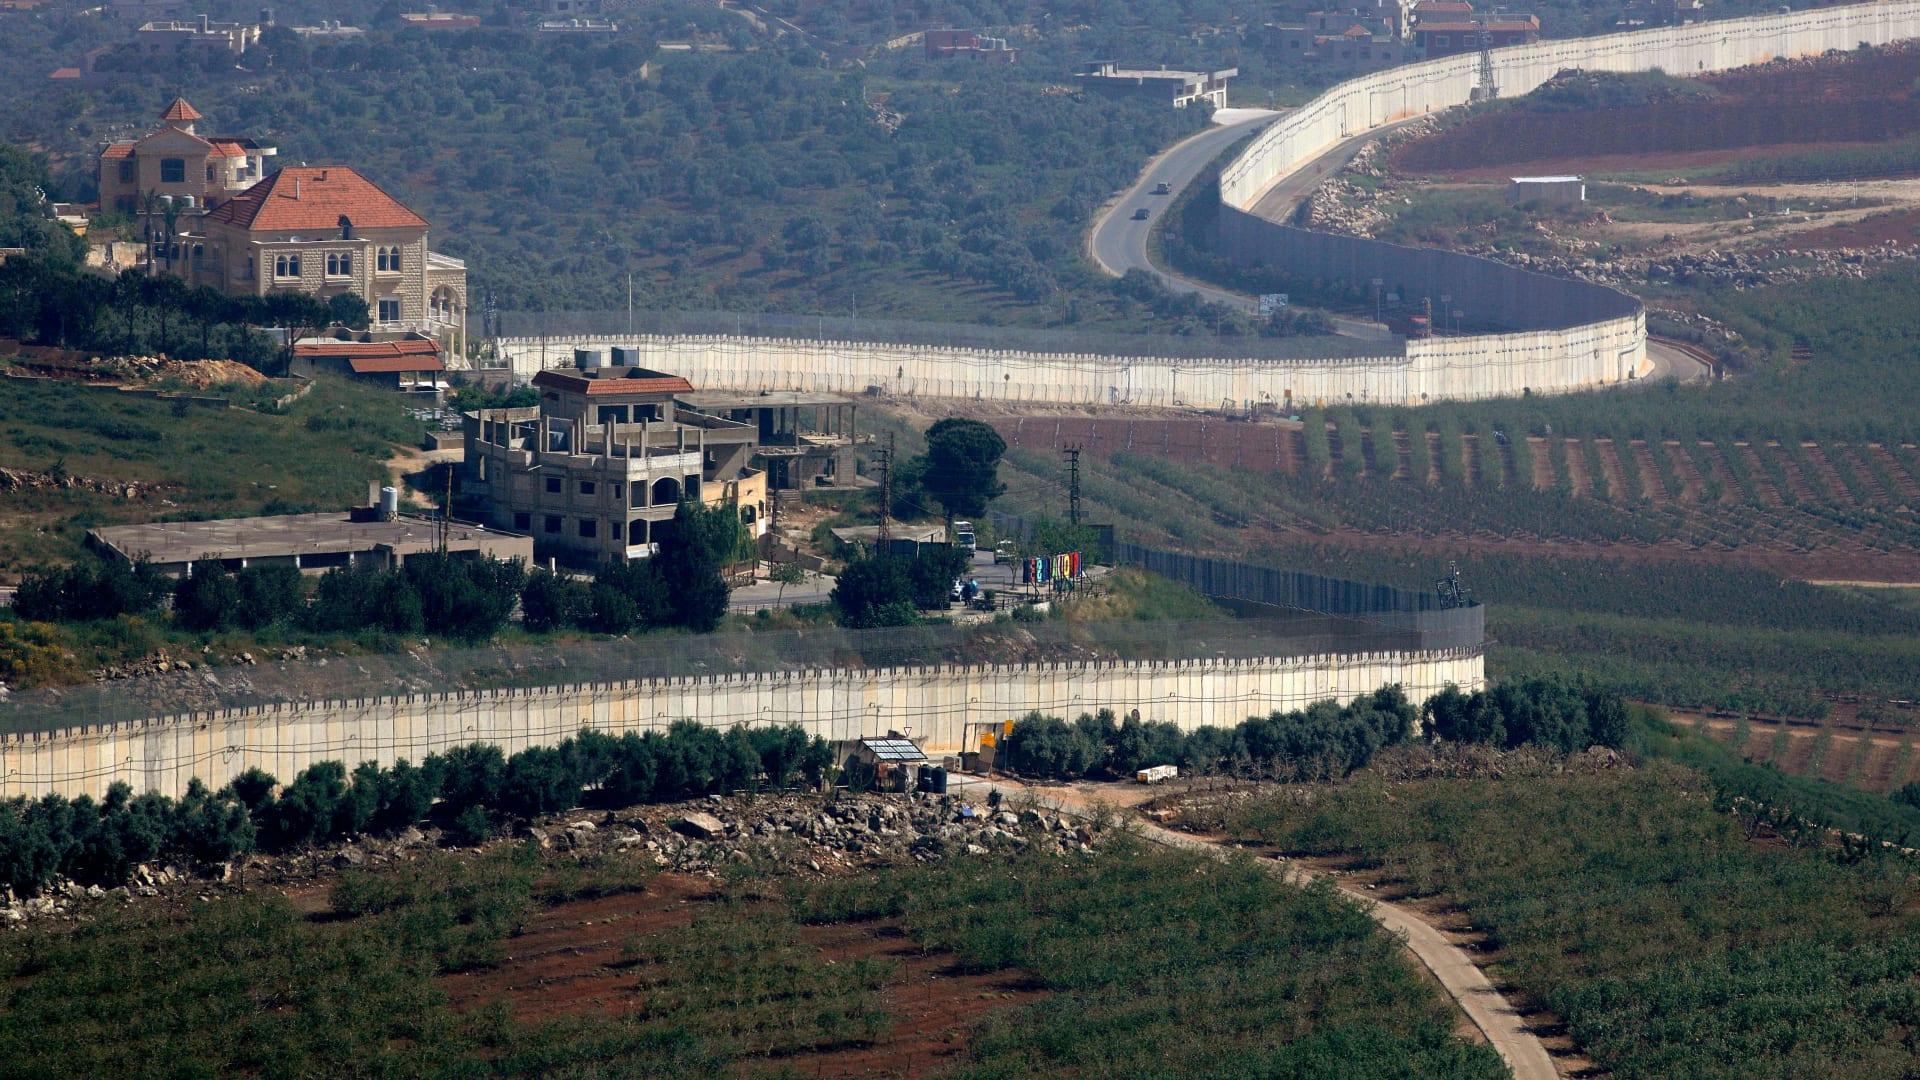 الإعلان عن موعد لقاء البعثة الإسرائيلية بنظيرتها اللبنانية لترسيم الحدود البحرية